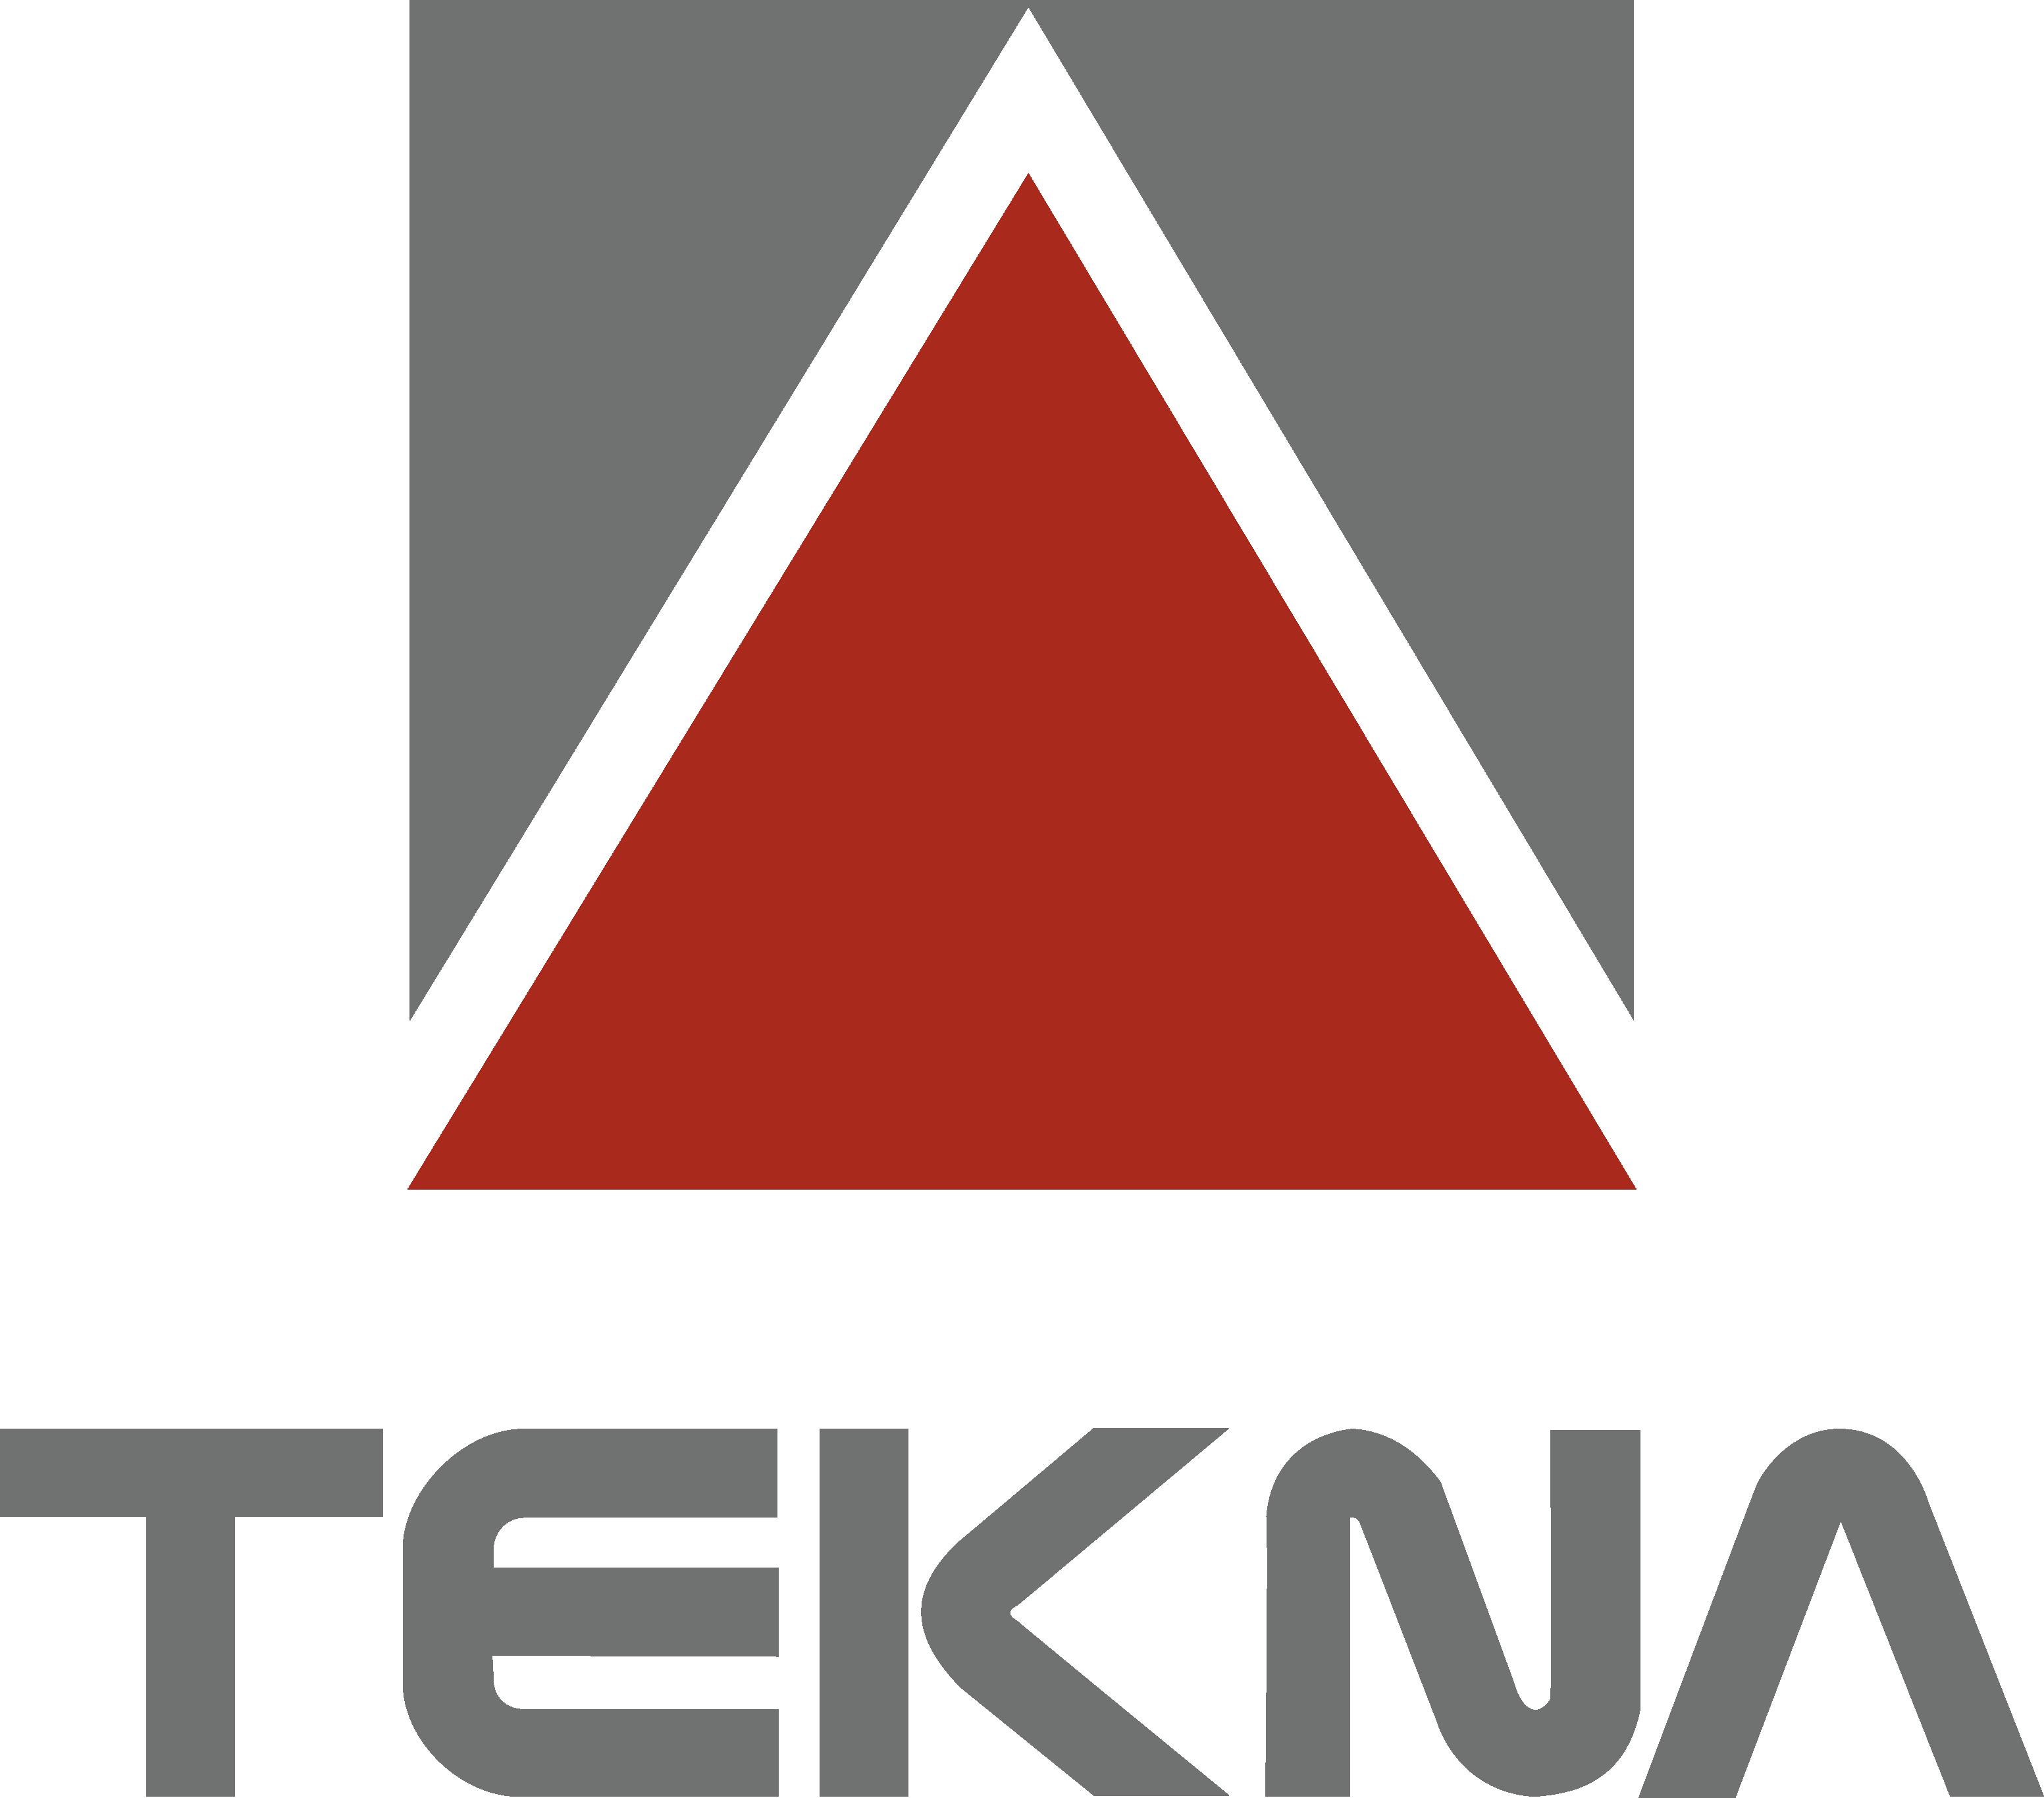 Tekna lance ses activités de production industrielle de poudres en Europe